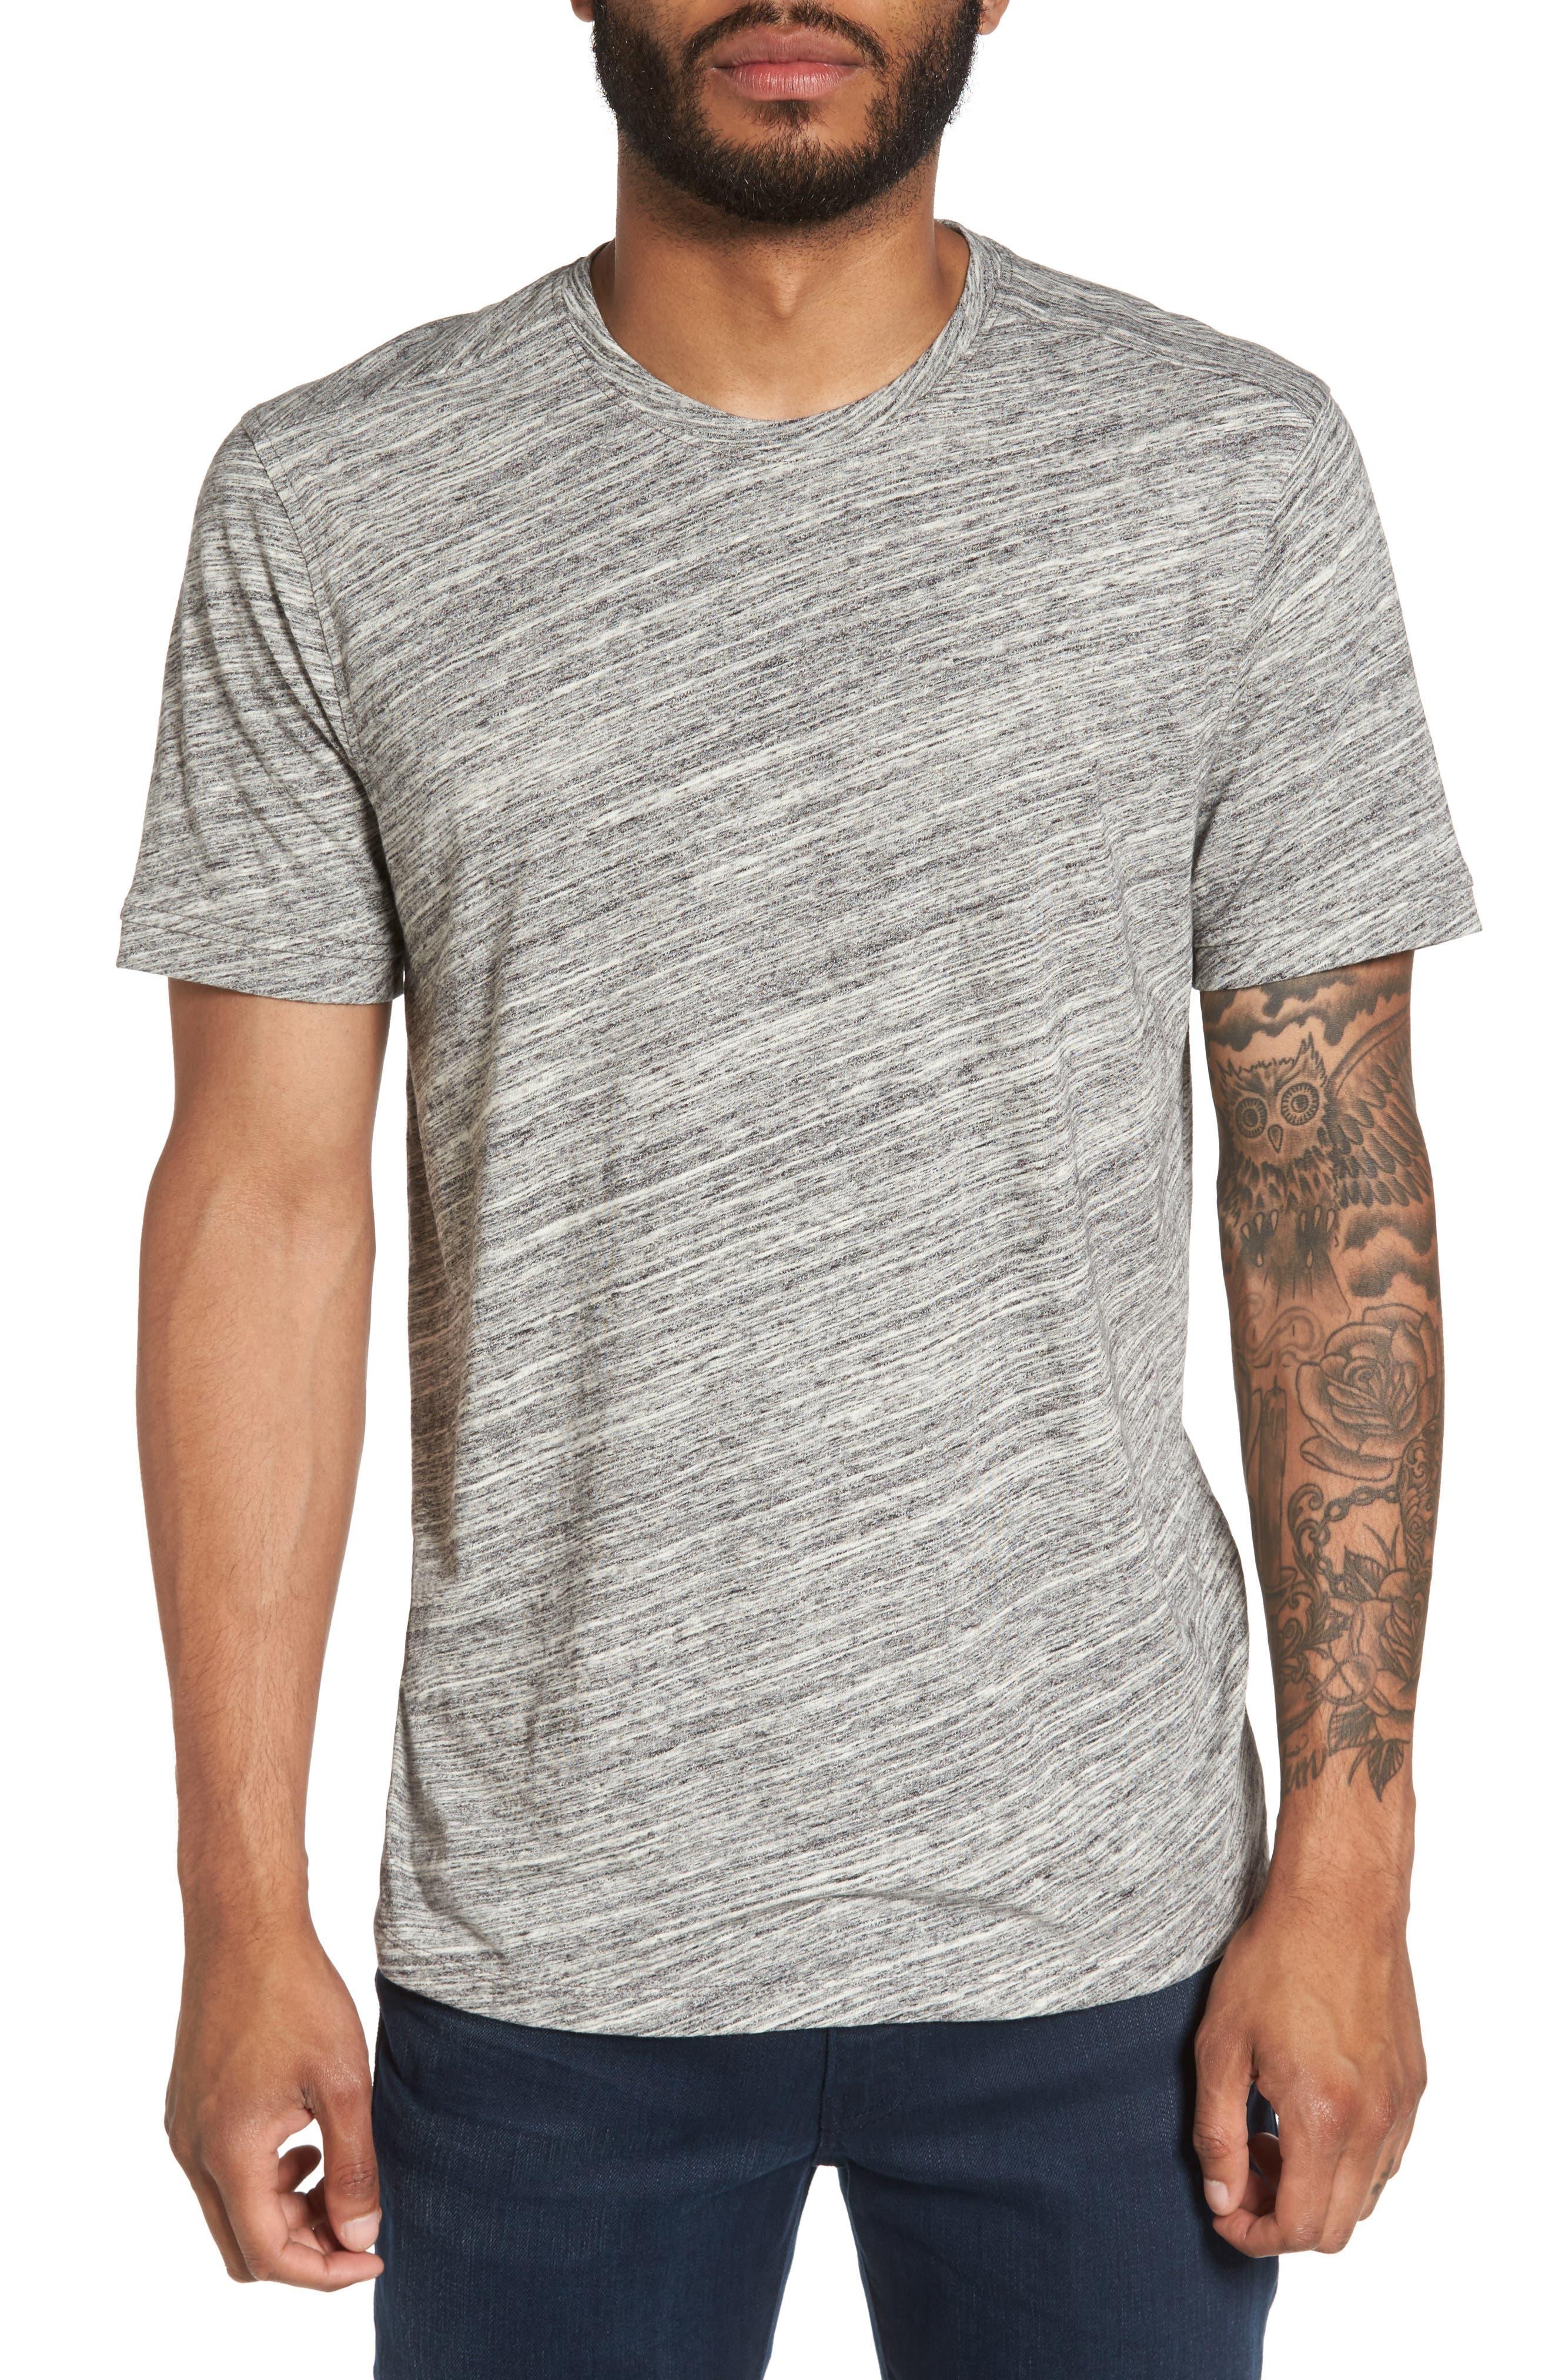 Calibrate Texture T-Shirt